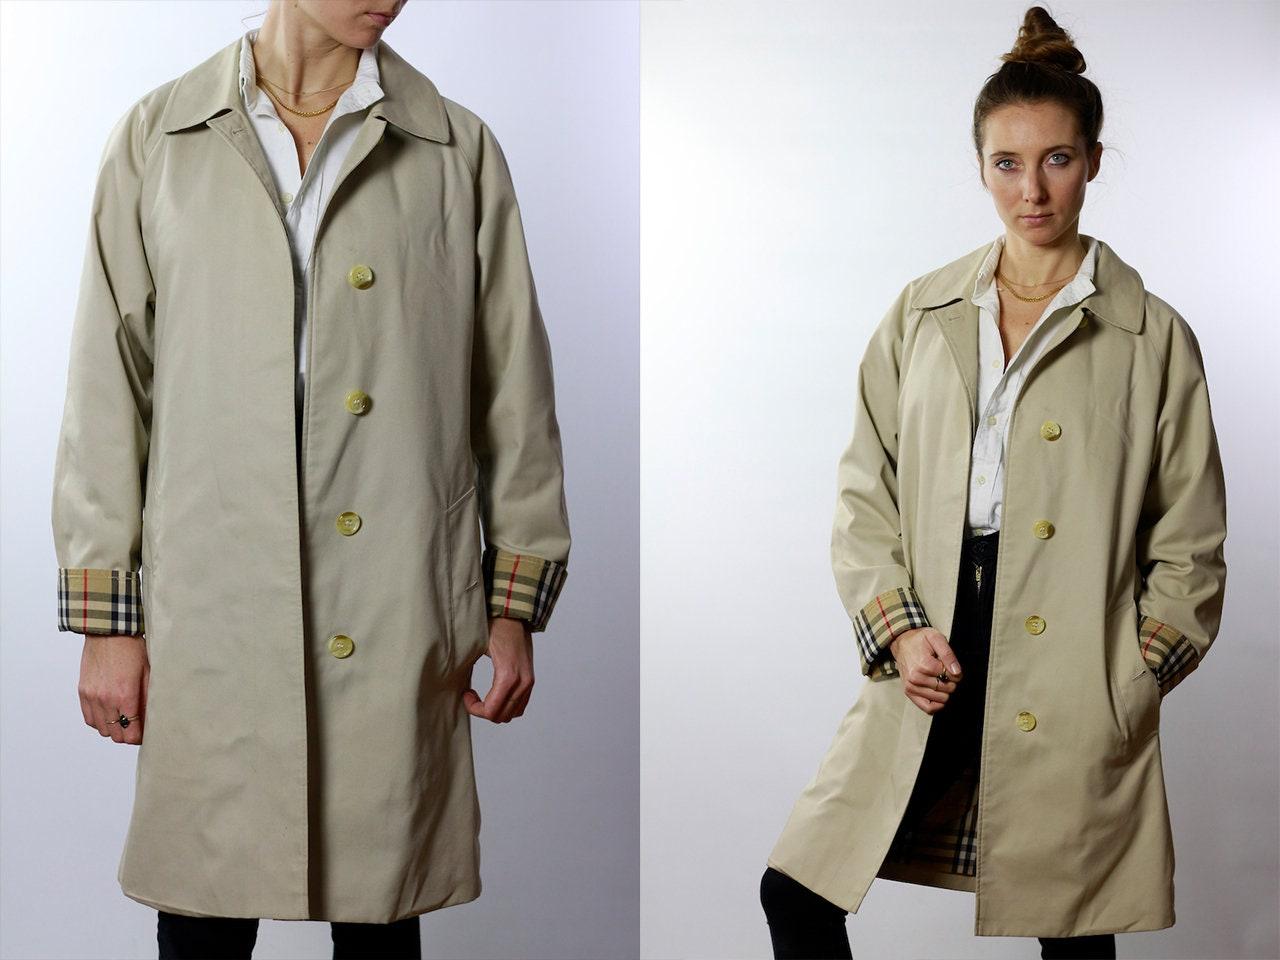 350335164136f BURBERRYS Trenchcoat Vintage Burberry Coat Beige Women ...